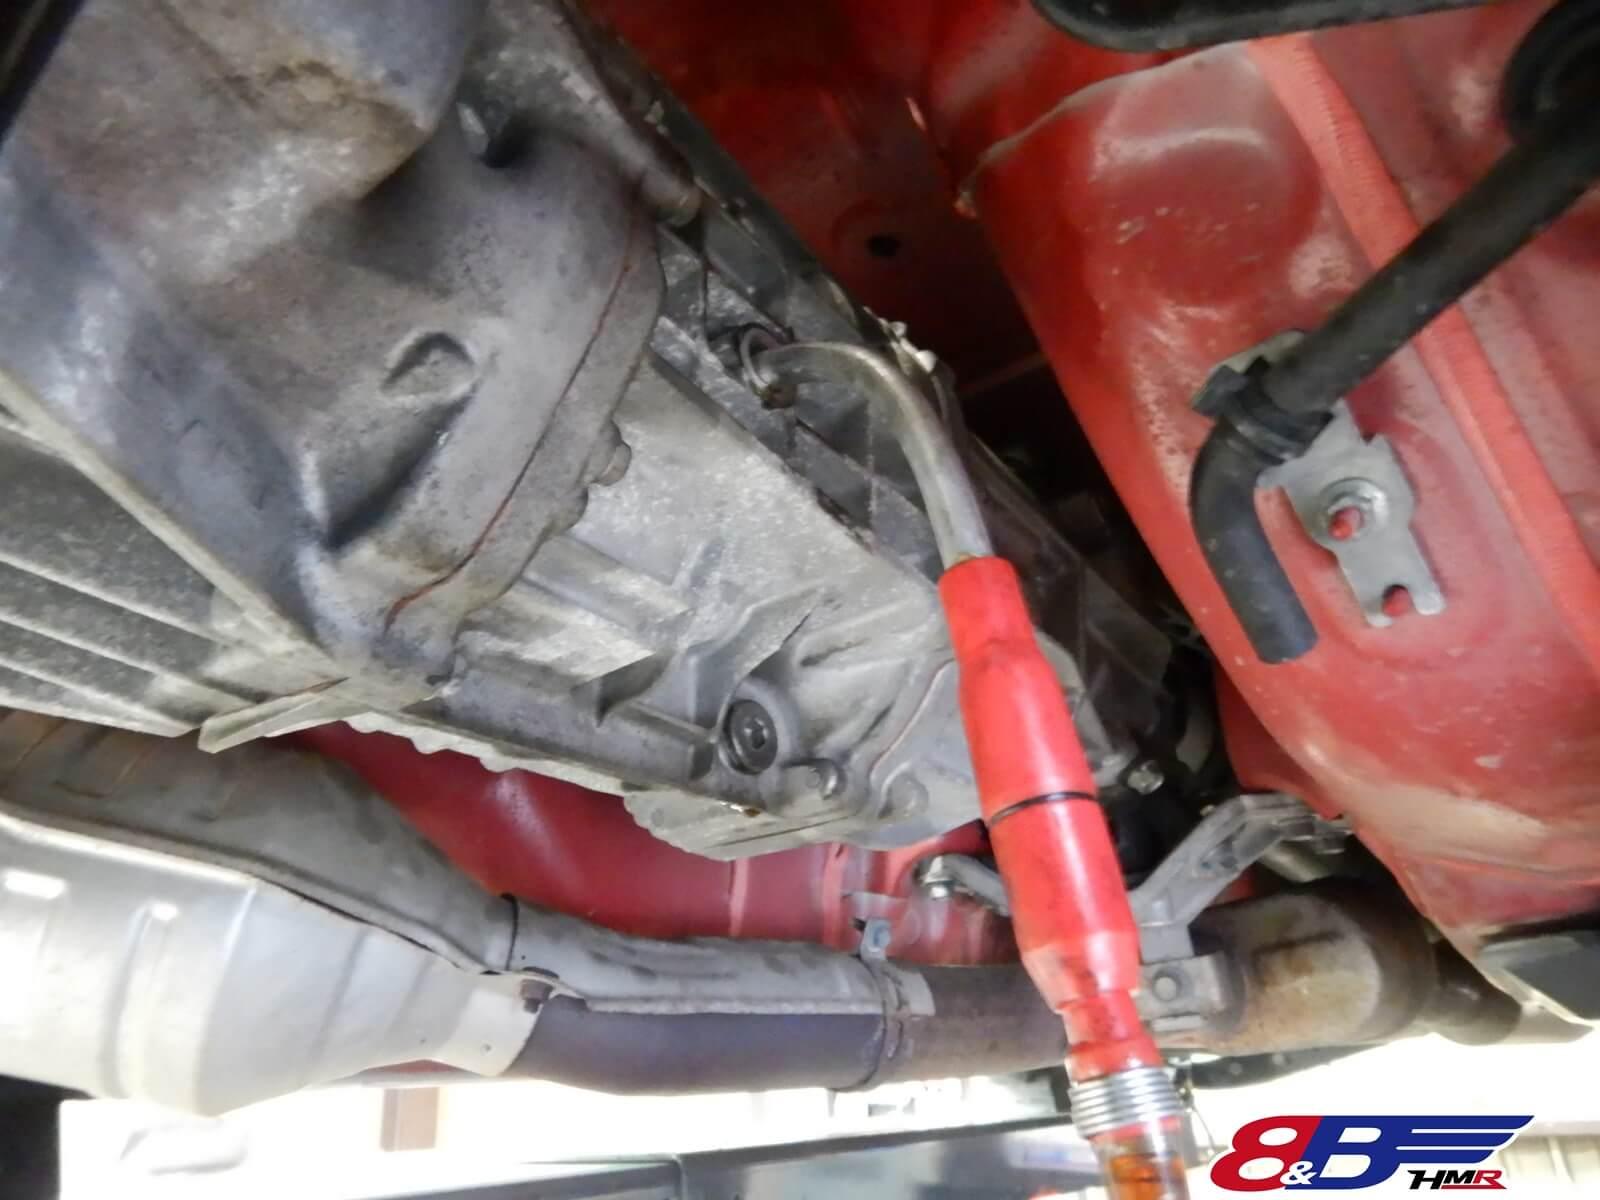 86 納車前整備 エアクリーナ エンジンオイル トランスミッションオイル デフオイル 交換